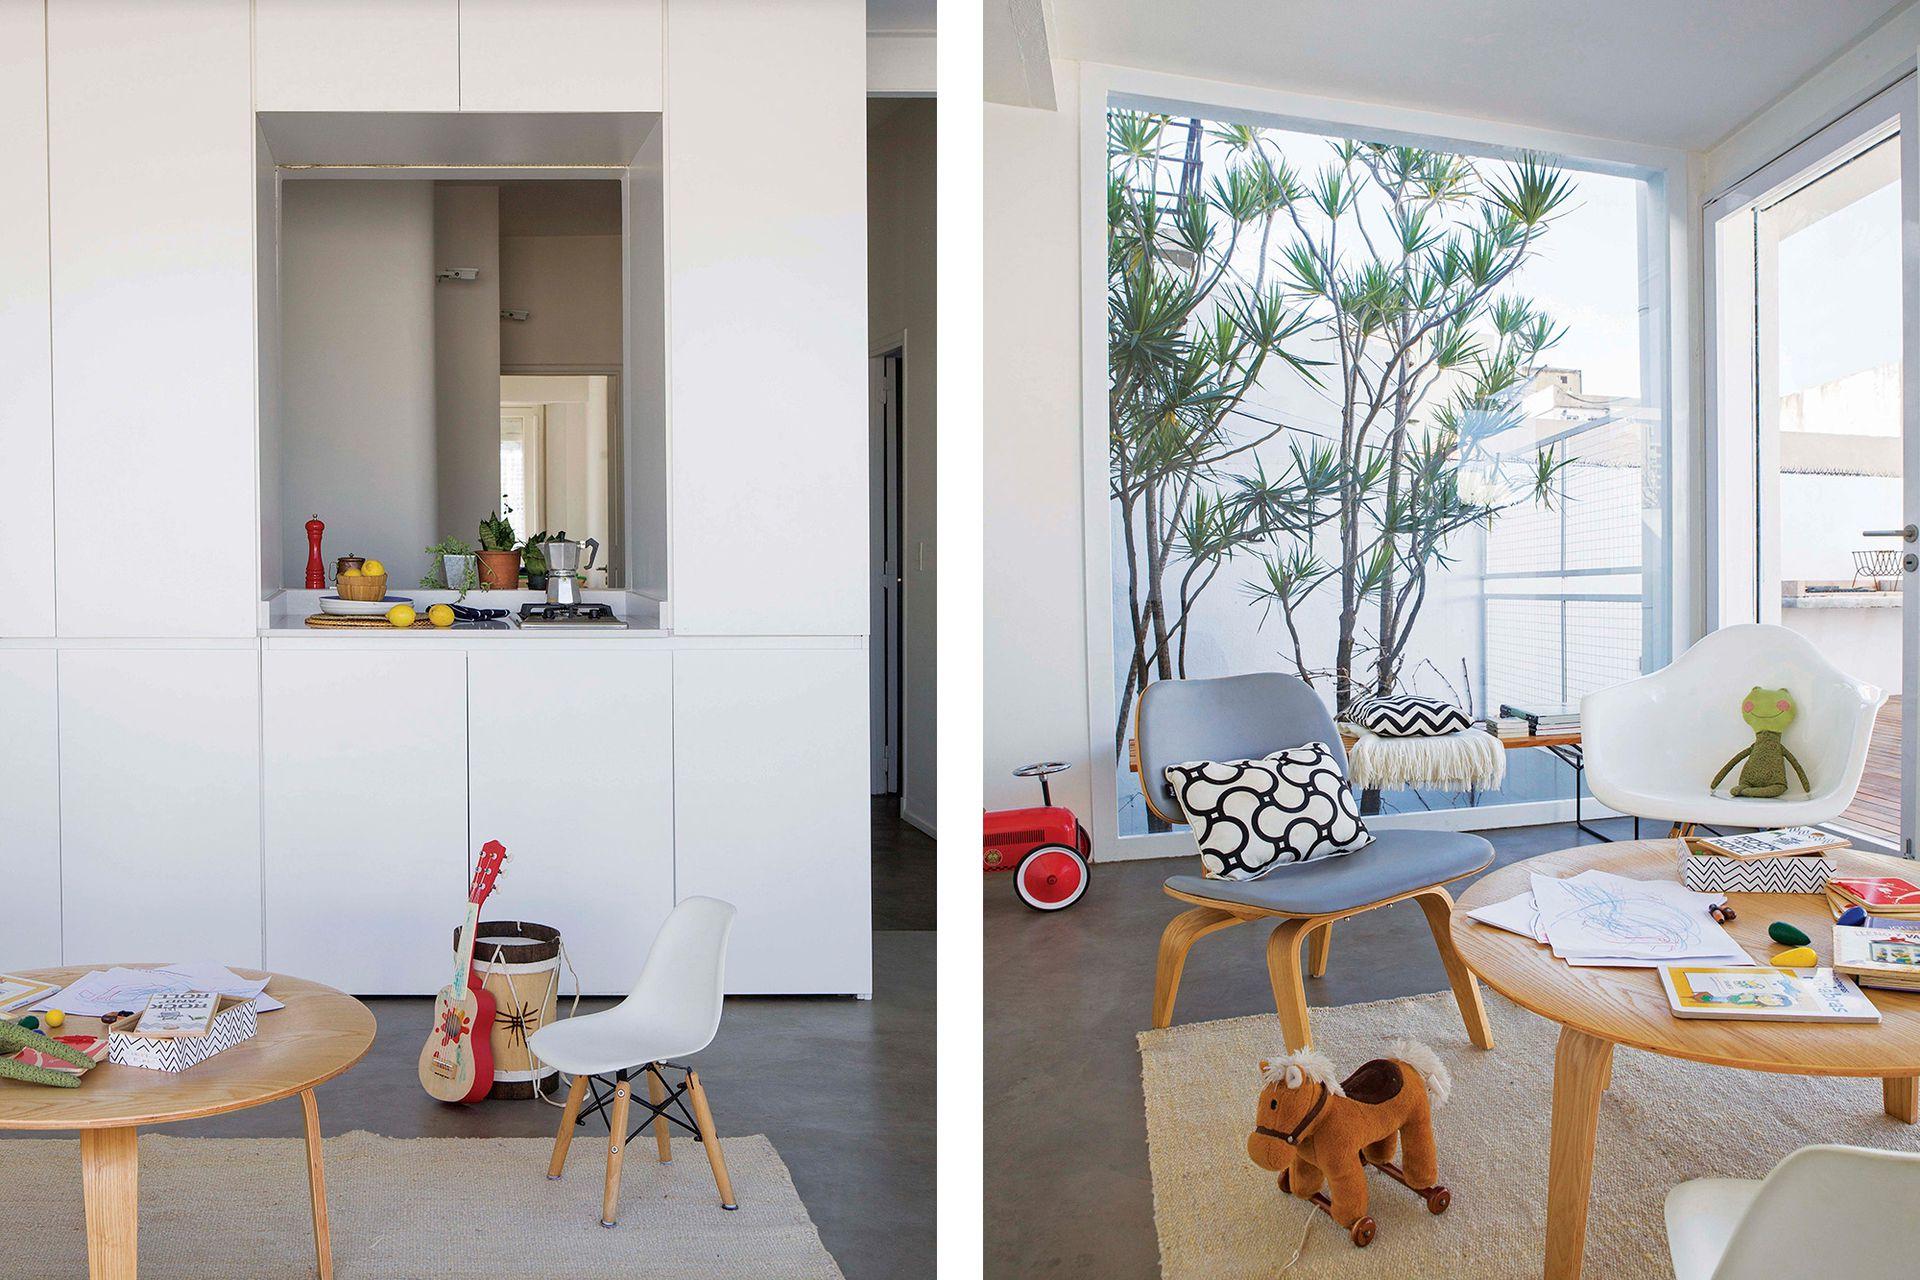 Una habitación que daba a la terraza se convirtió en este luminoso espacio de usos múltiples.